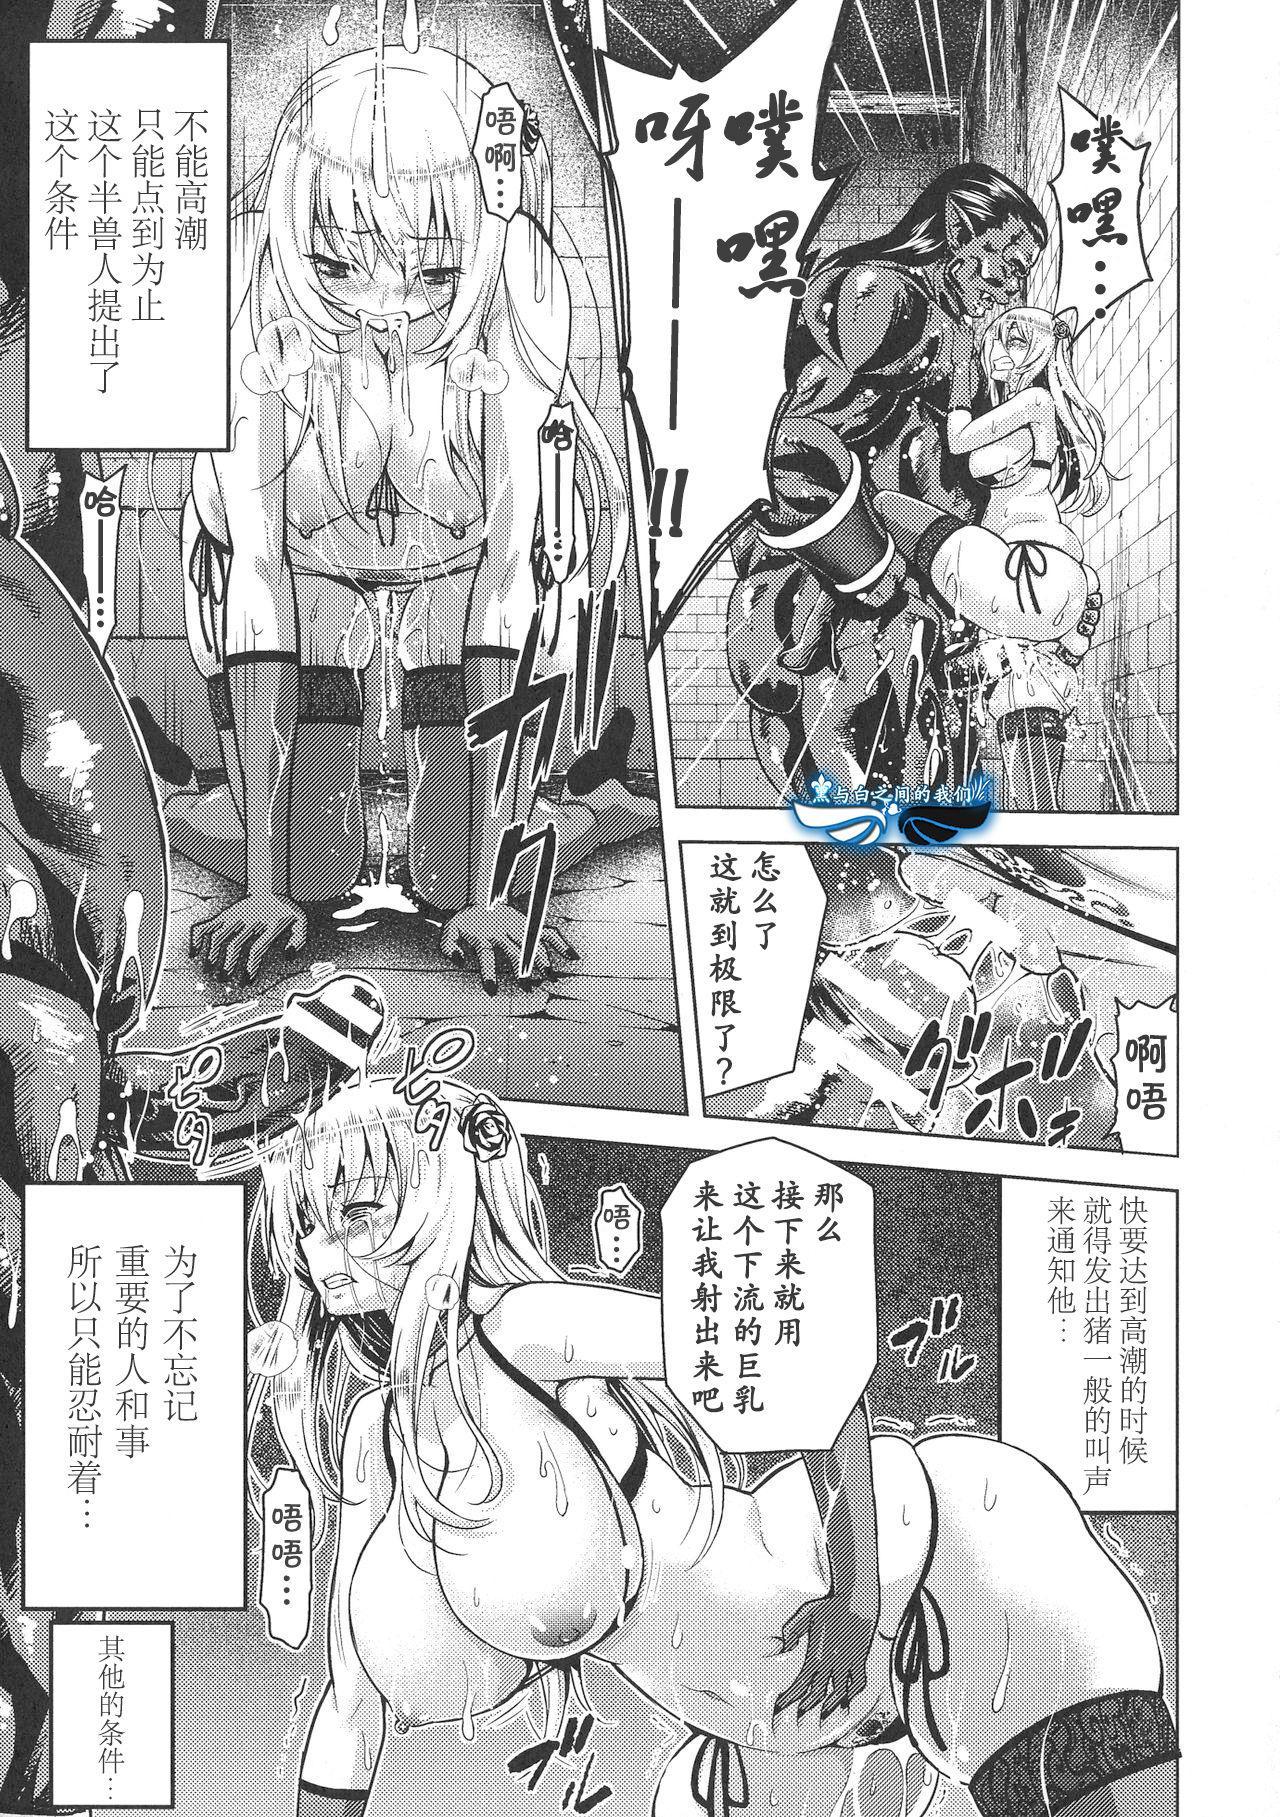 ERONA Orc no Inmon ni Okasareta Onna Kishi no Matsuro Ch. 1-5 54